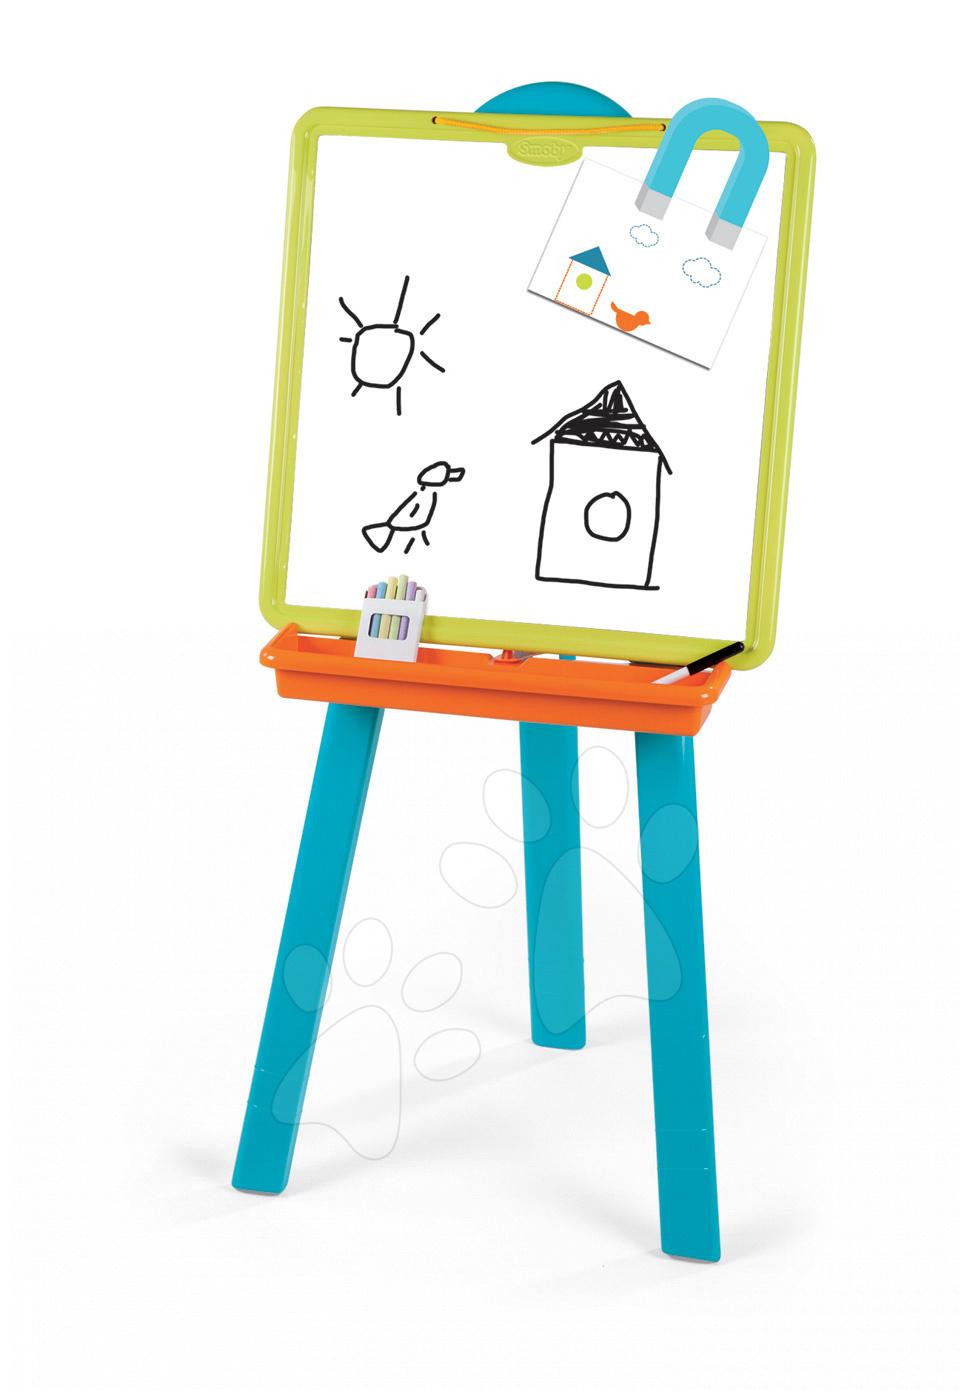 Školní tabule - Školní magnetická tabule 2v1 Smoby oboustranná se 7 doplňky zeleno-modrá